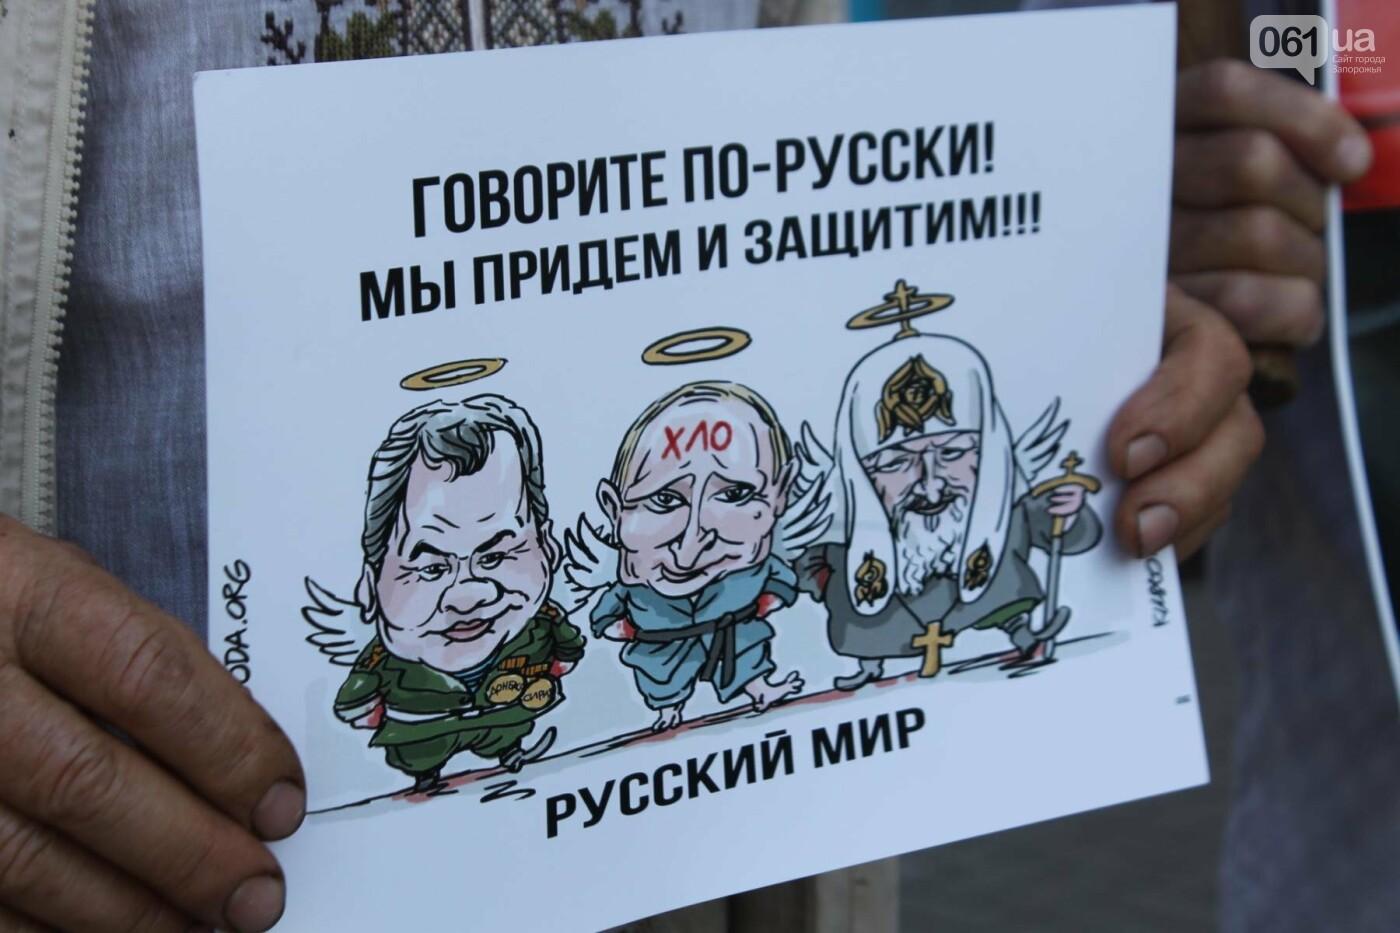 В Запорожье на митинг в защиту украинского языка под мэрию вышли 5 человек, – ФОТОРЕПОРТАЖ, фото-8